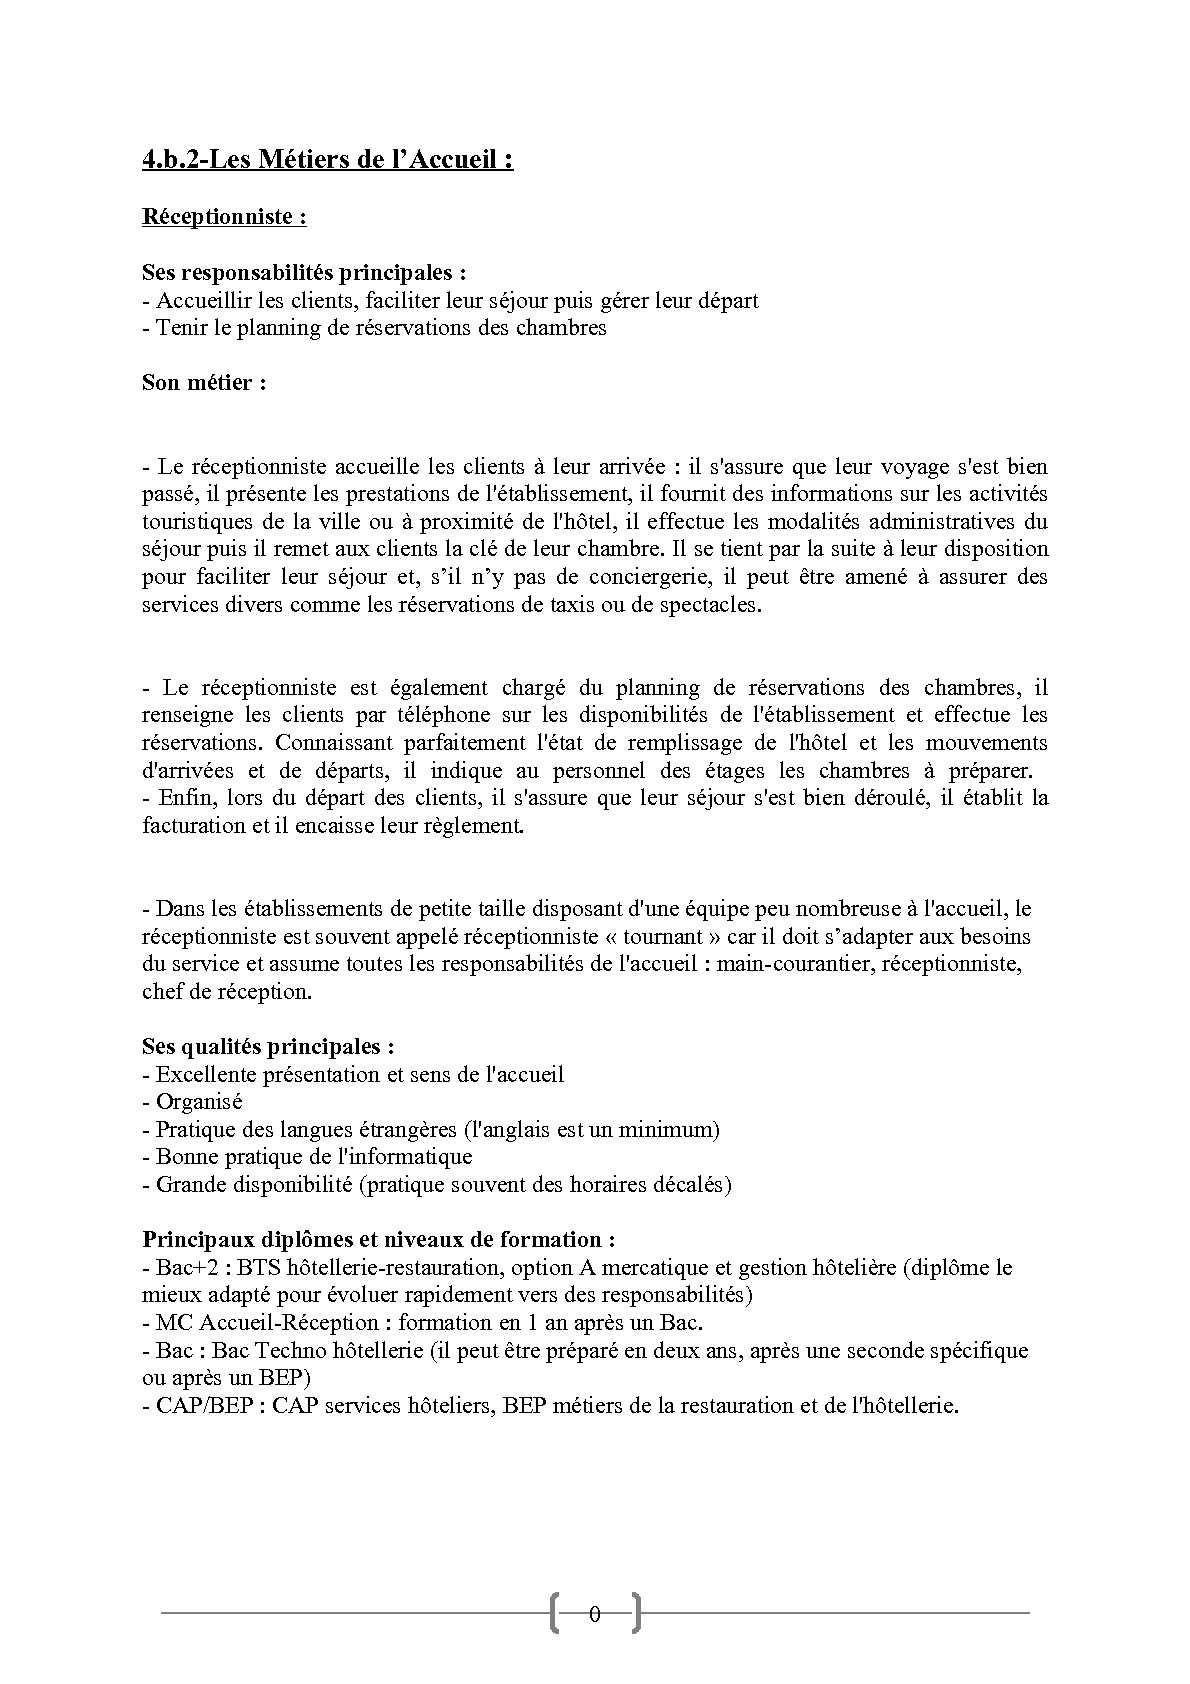 51 Lettre De Motivation Pour Demande Carte De Sejour 10 Ans Lettre De Motivation Carte De Sejour Modeles De Lettres